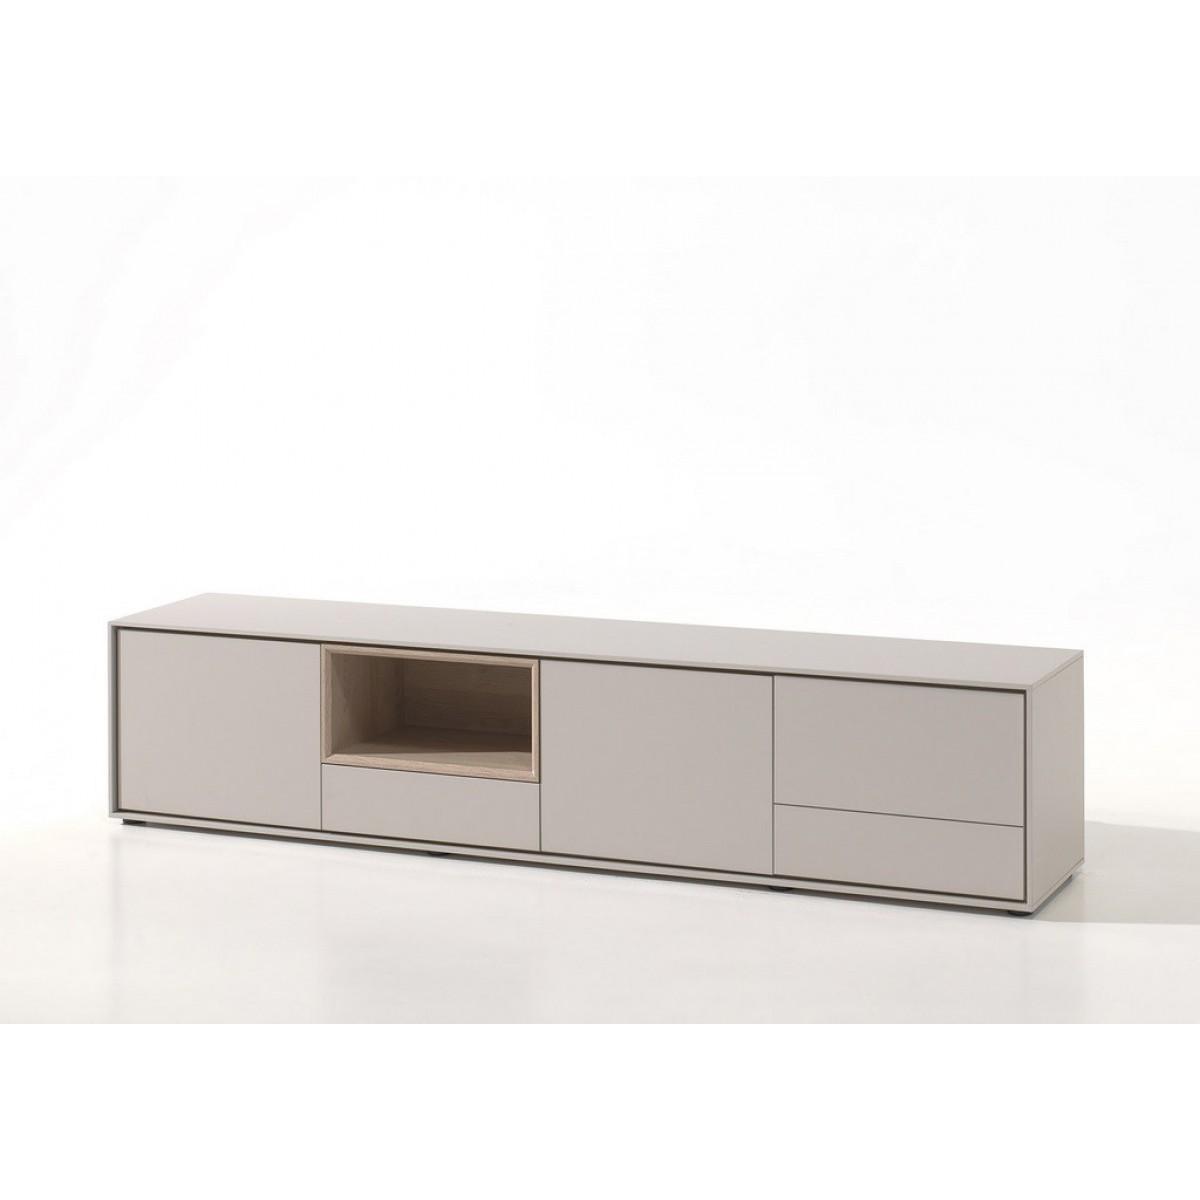 Lowboard Tv Meubel.Kyara Tv Lowboard C0057a I Live Design